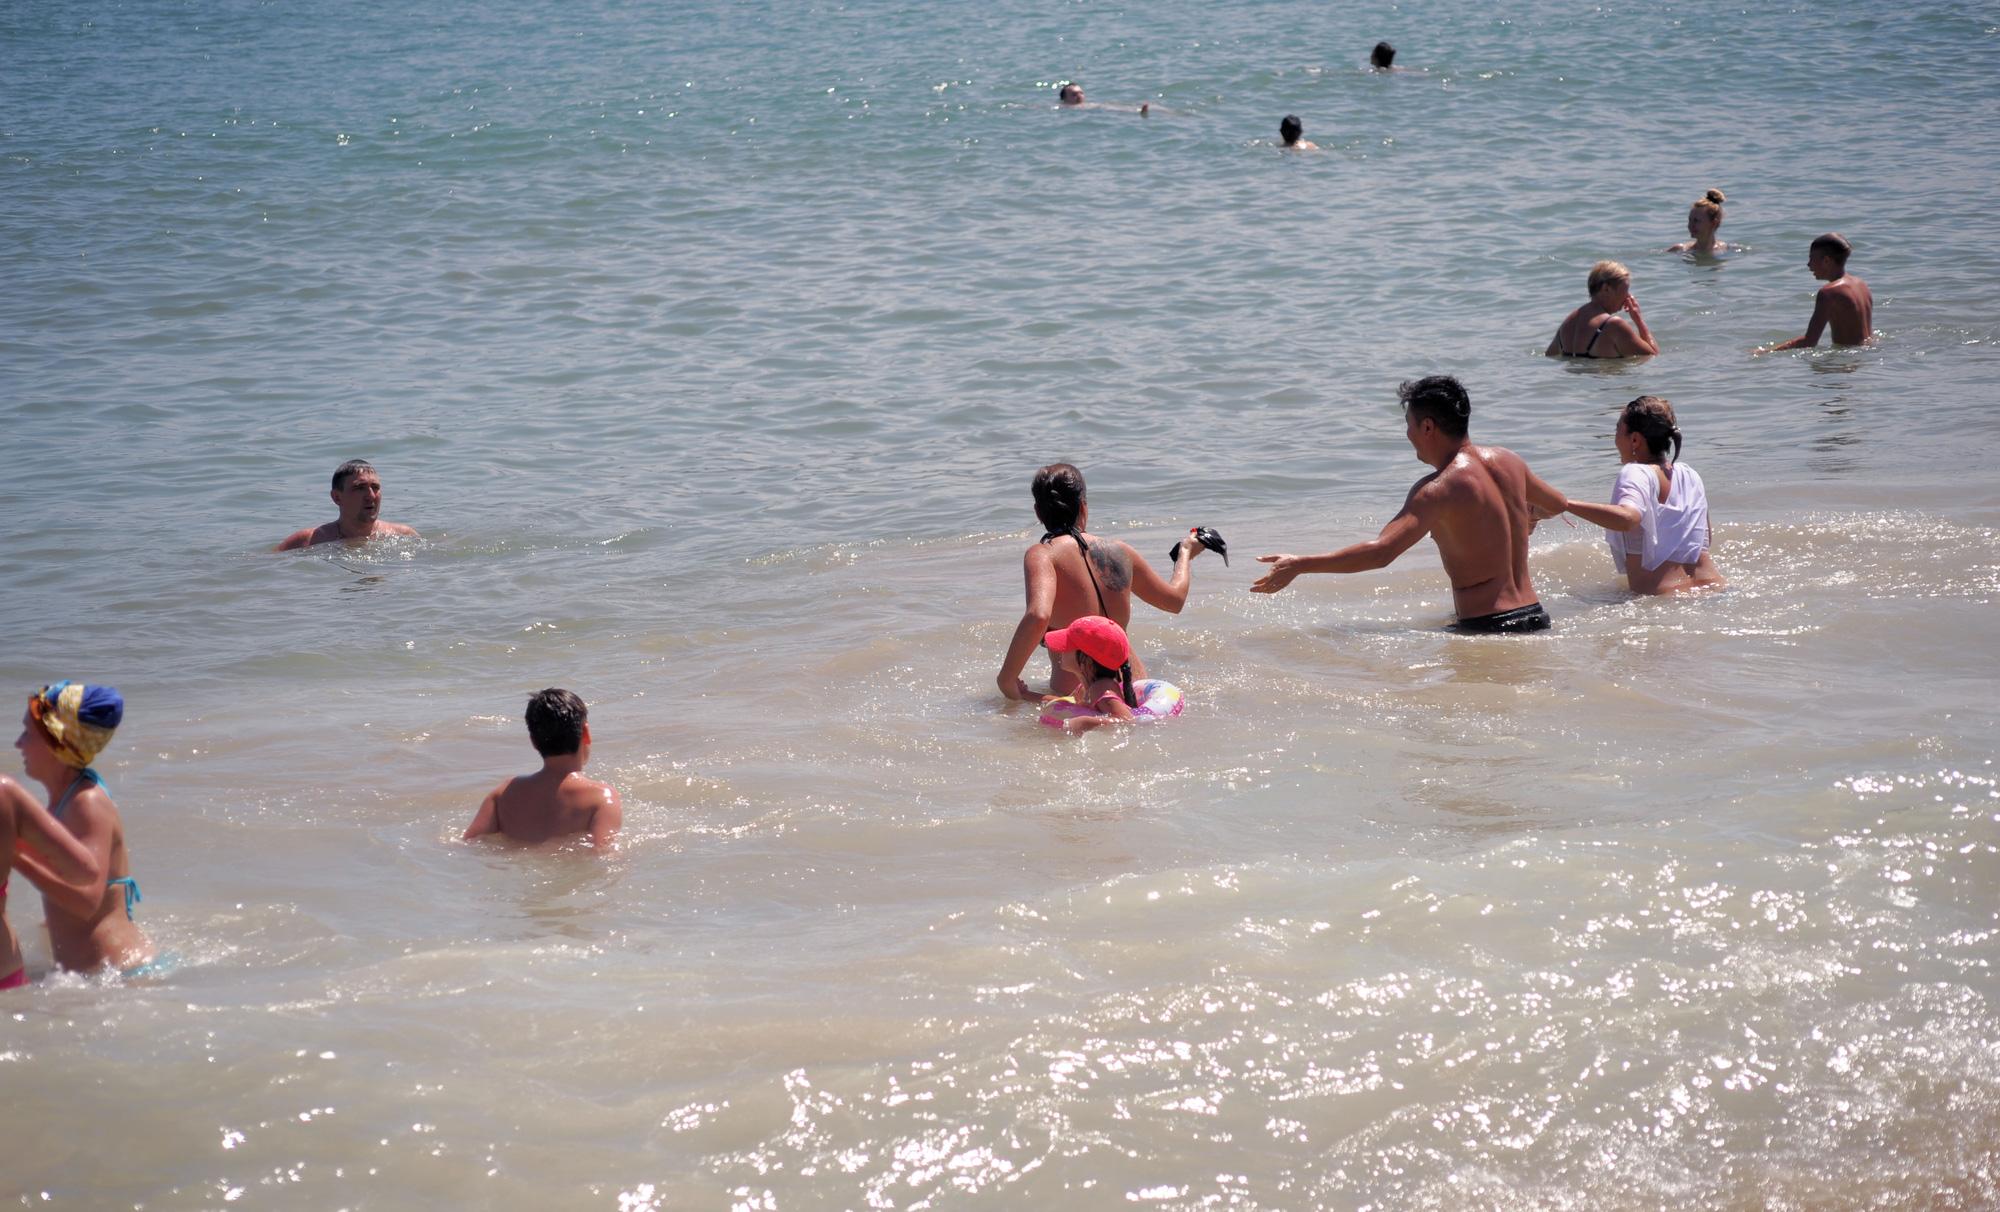 Nha Trang: Khách Tây thản nhiên tắm biển, thư giản giữa dịch Covid - 19 - Ảnh 3.